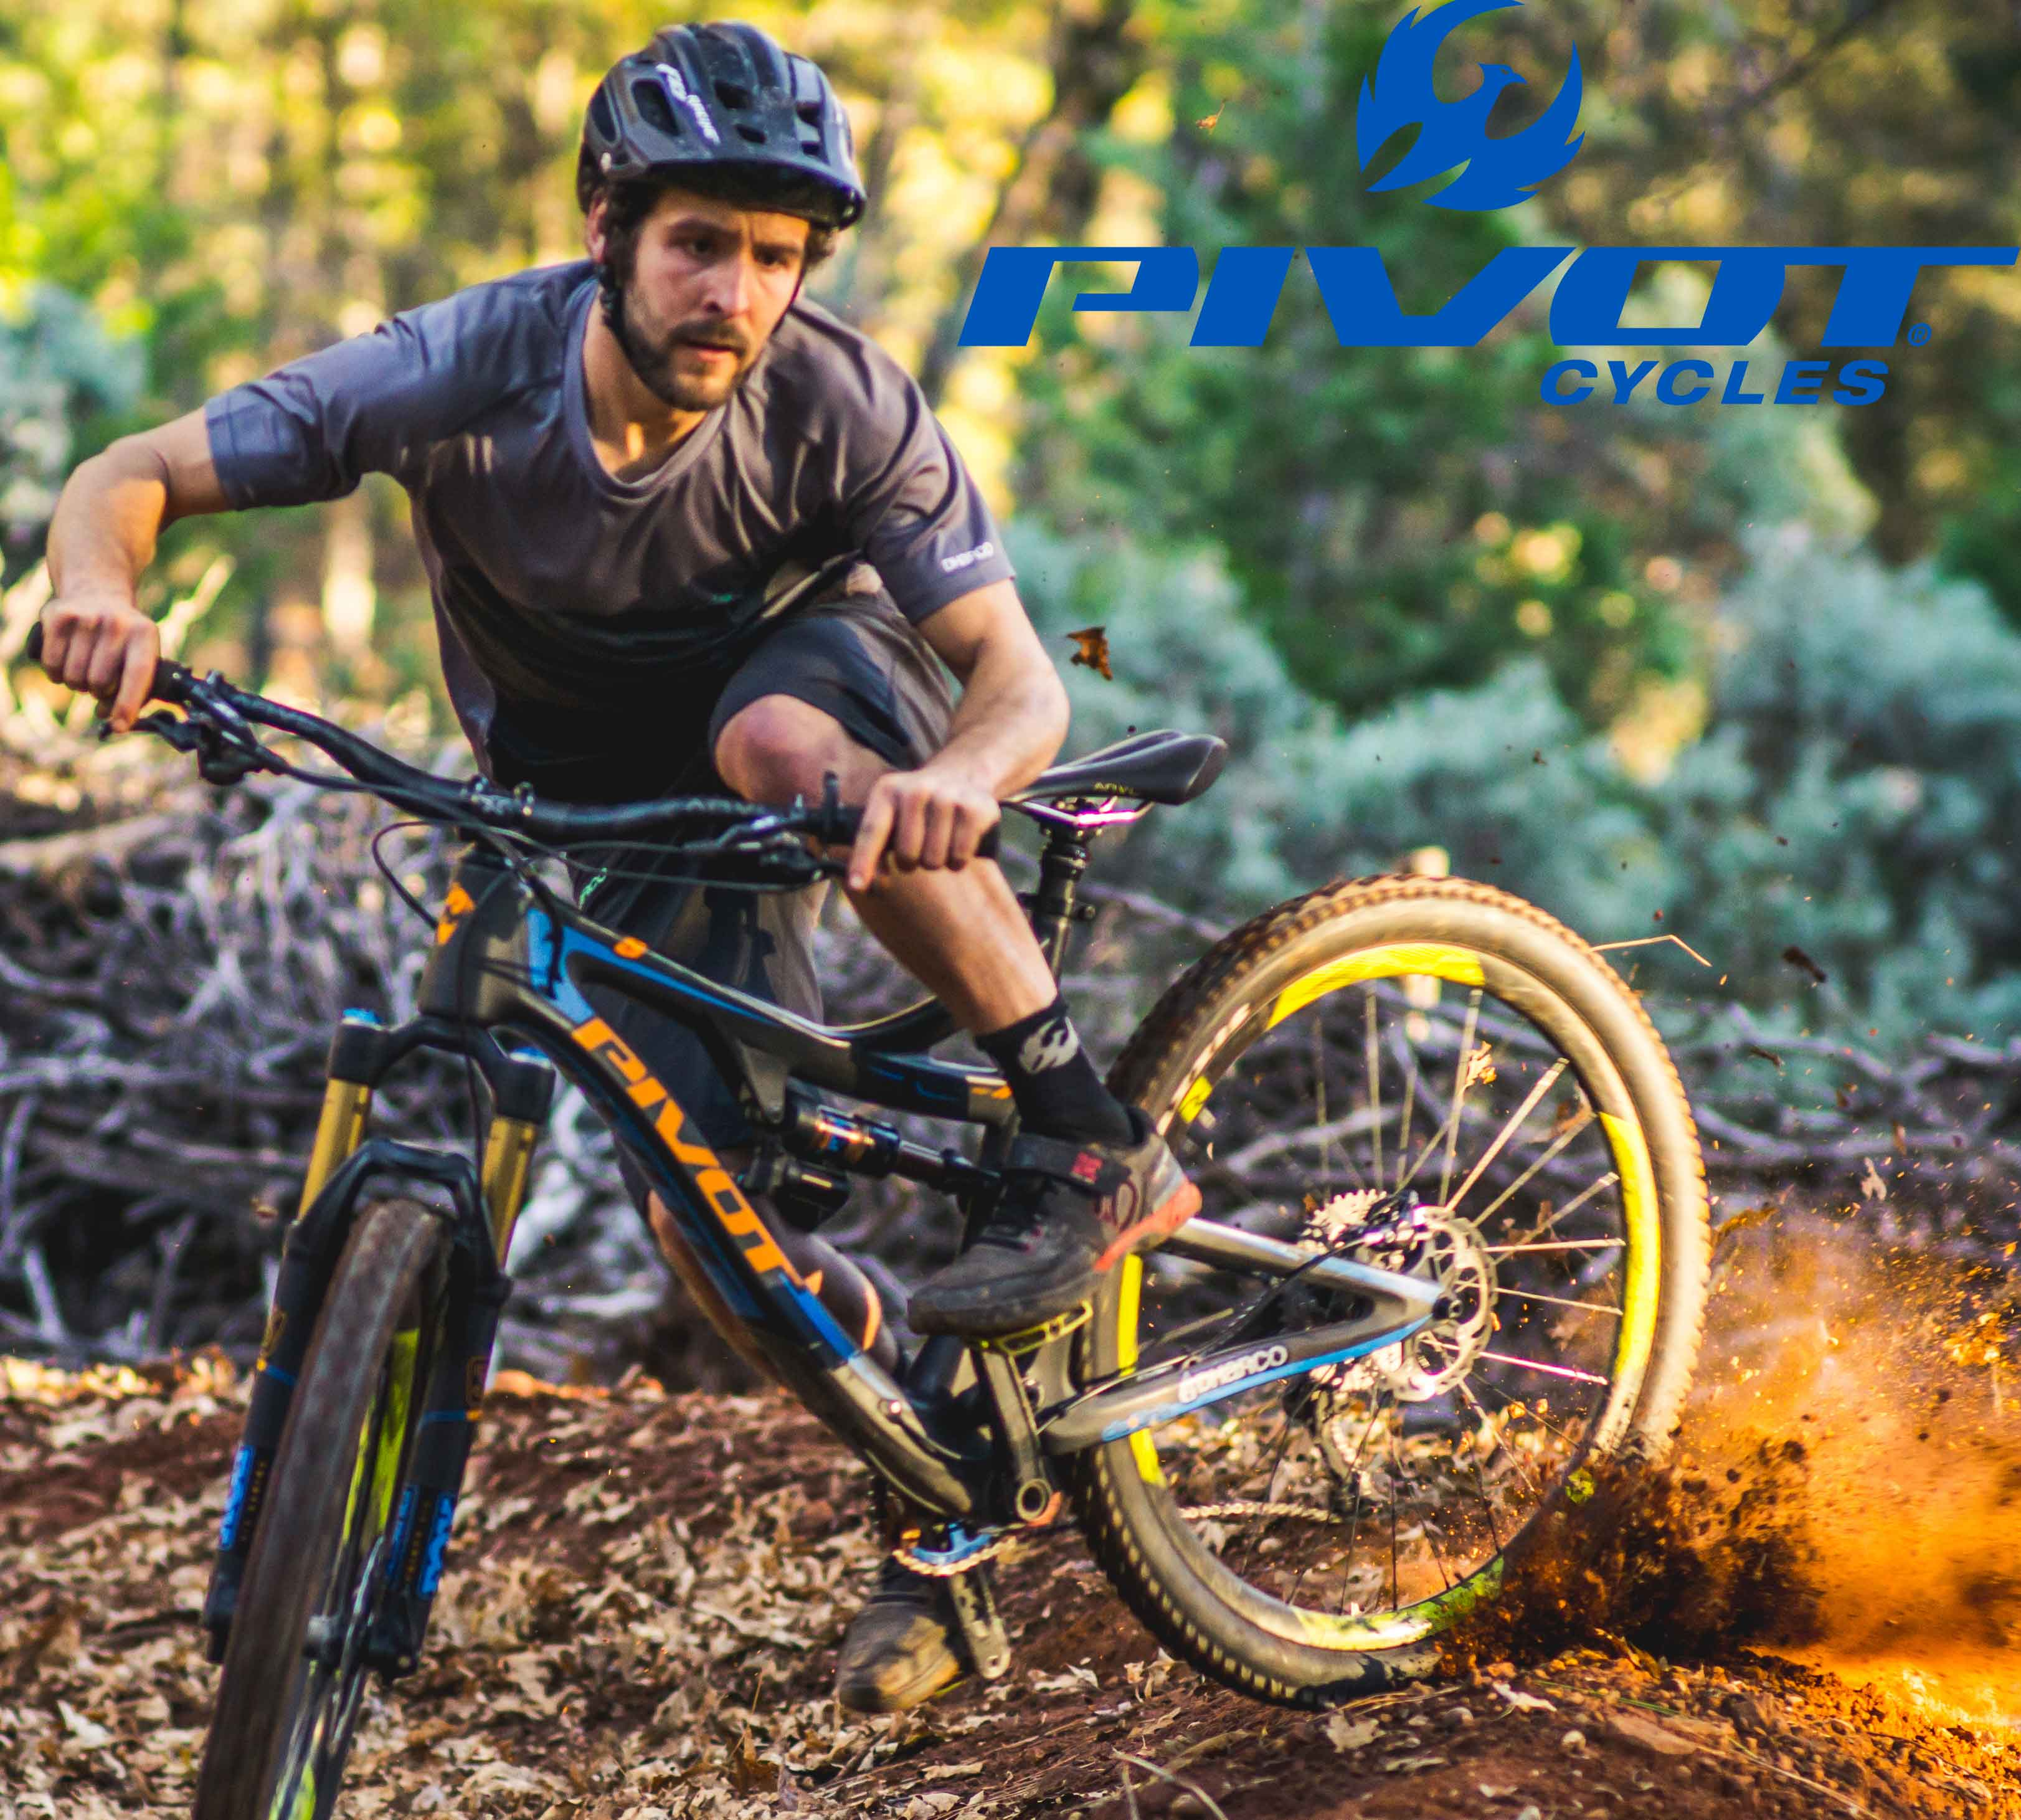 Mountainbiker drift door een bocht. Het goud gele zand spat hoog op.